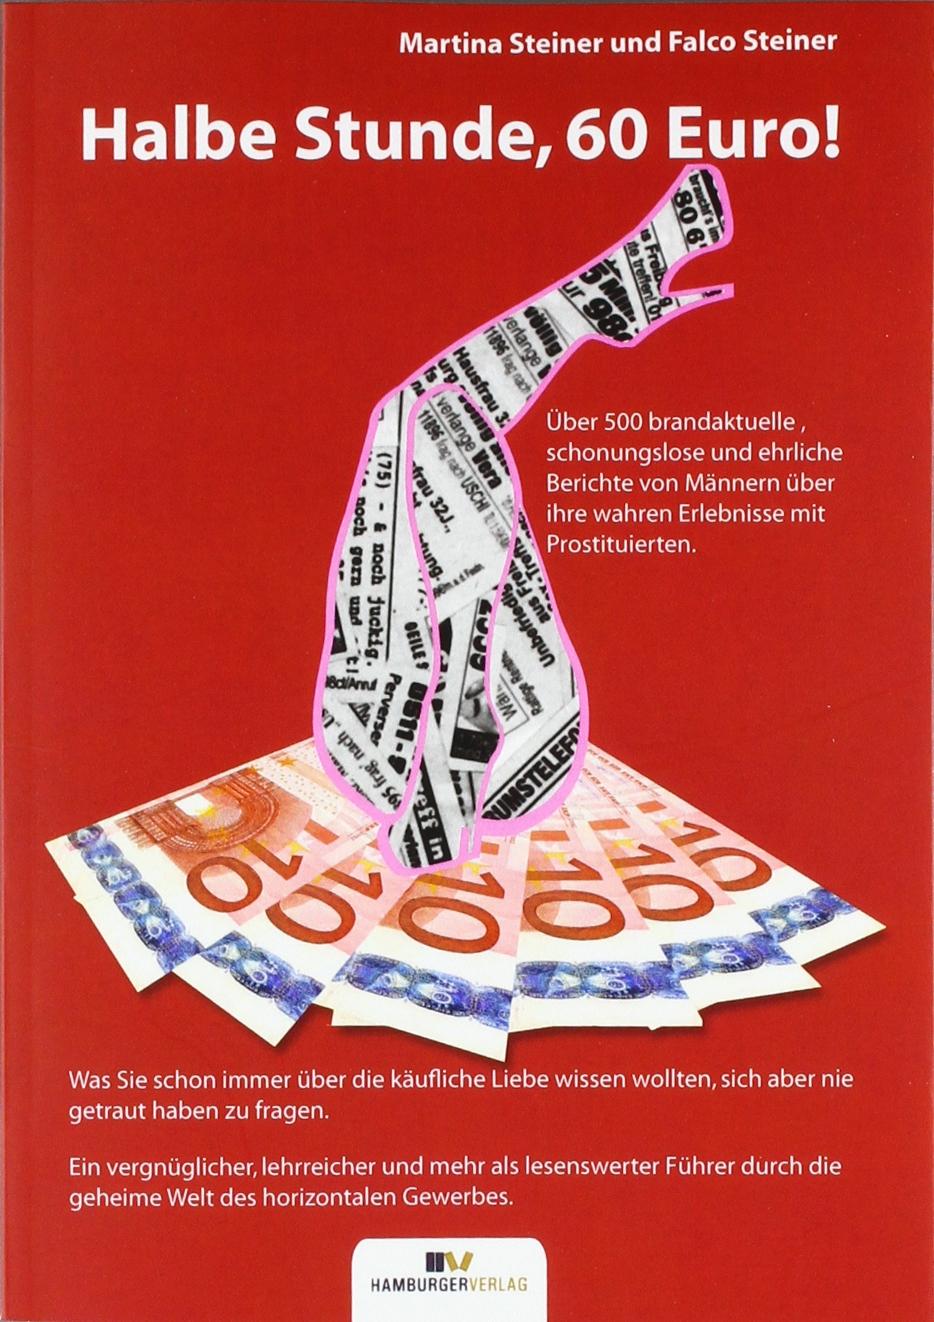 Halbe Stunde, 60 Euro!: Über 500 schonungslose Berichte von Männern über ihre Erlebnisse mit Prostituierten Taschenbuch – 1. Dezember 2009 Falco Steiner Martina Steiner Hamburger Verlag 3981072103